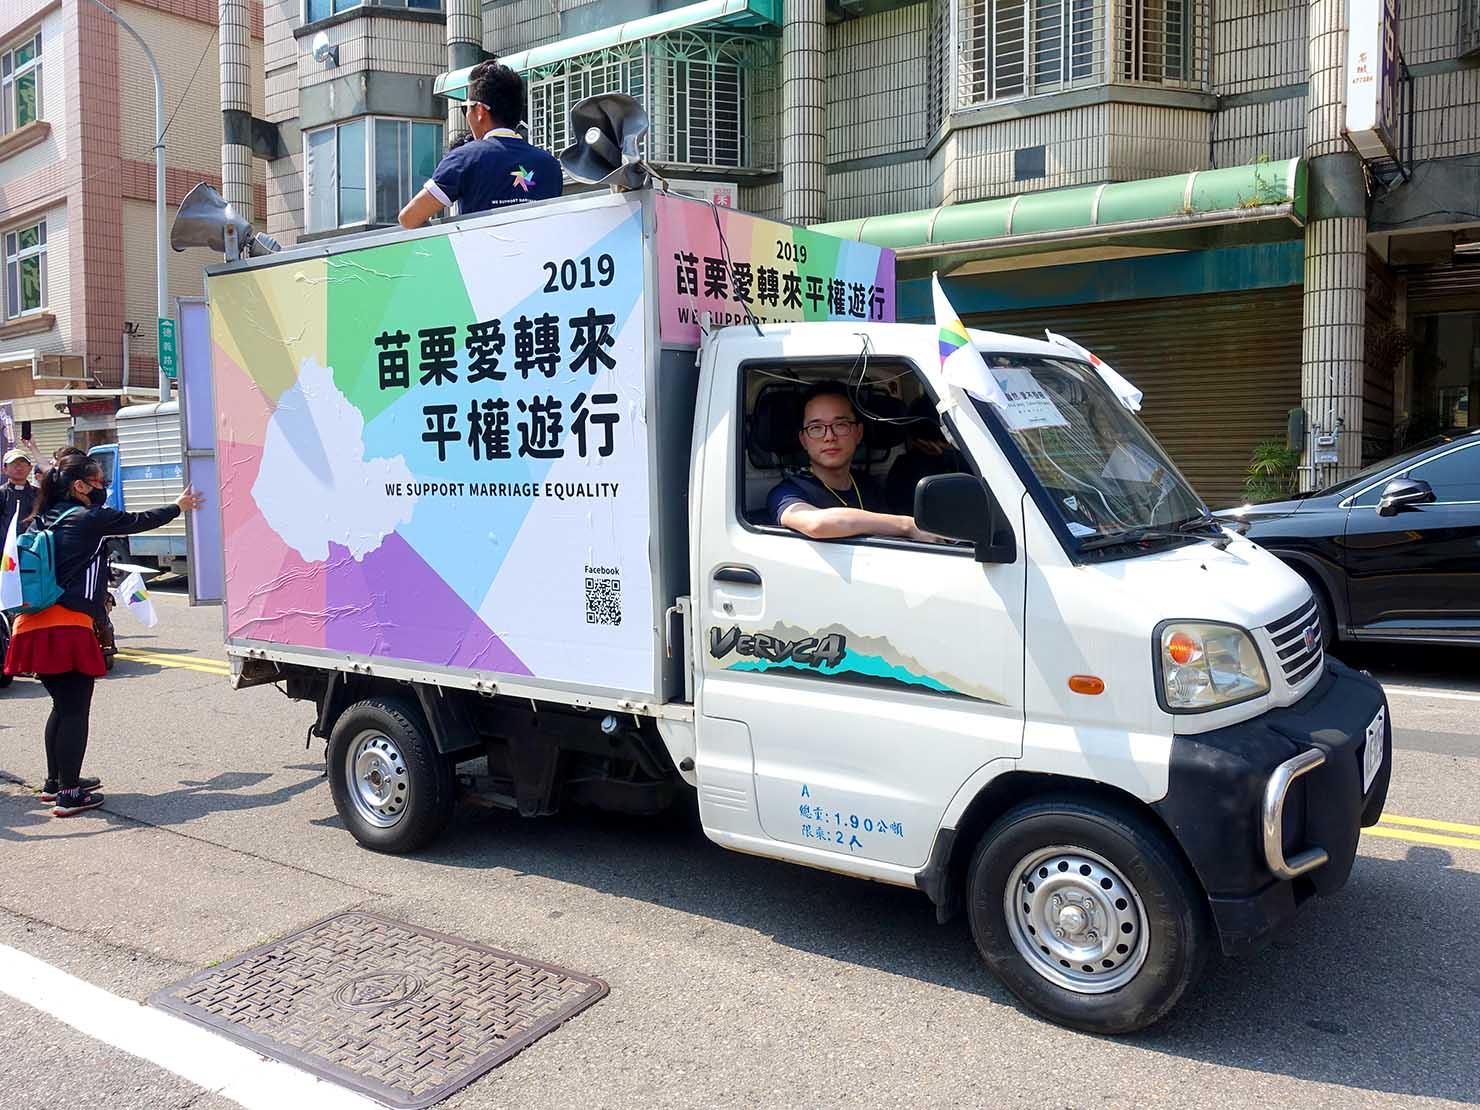 苗栗愛轉來平權遊行(苗栗LGBTプライド)2019のパレード先導車